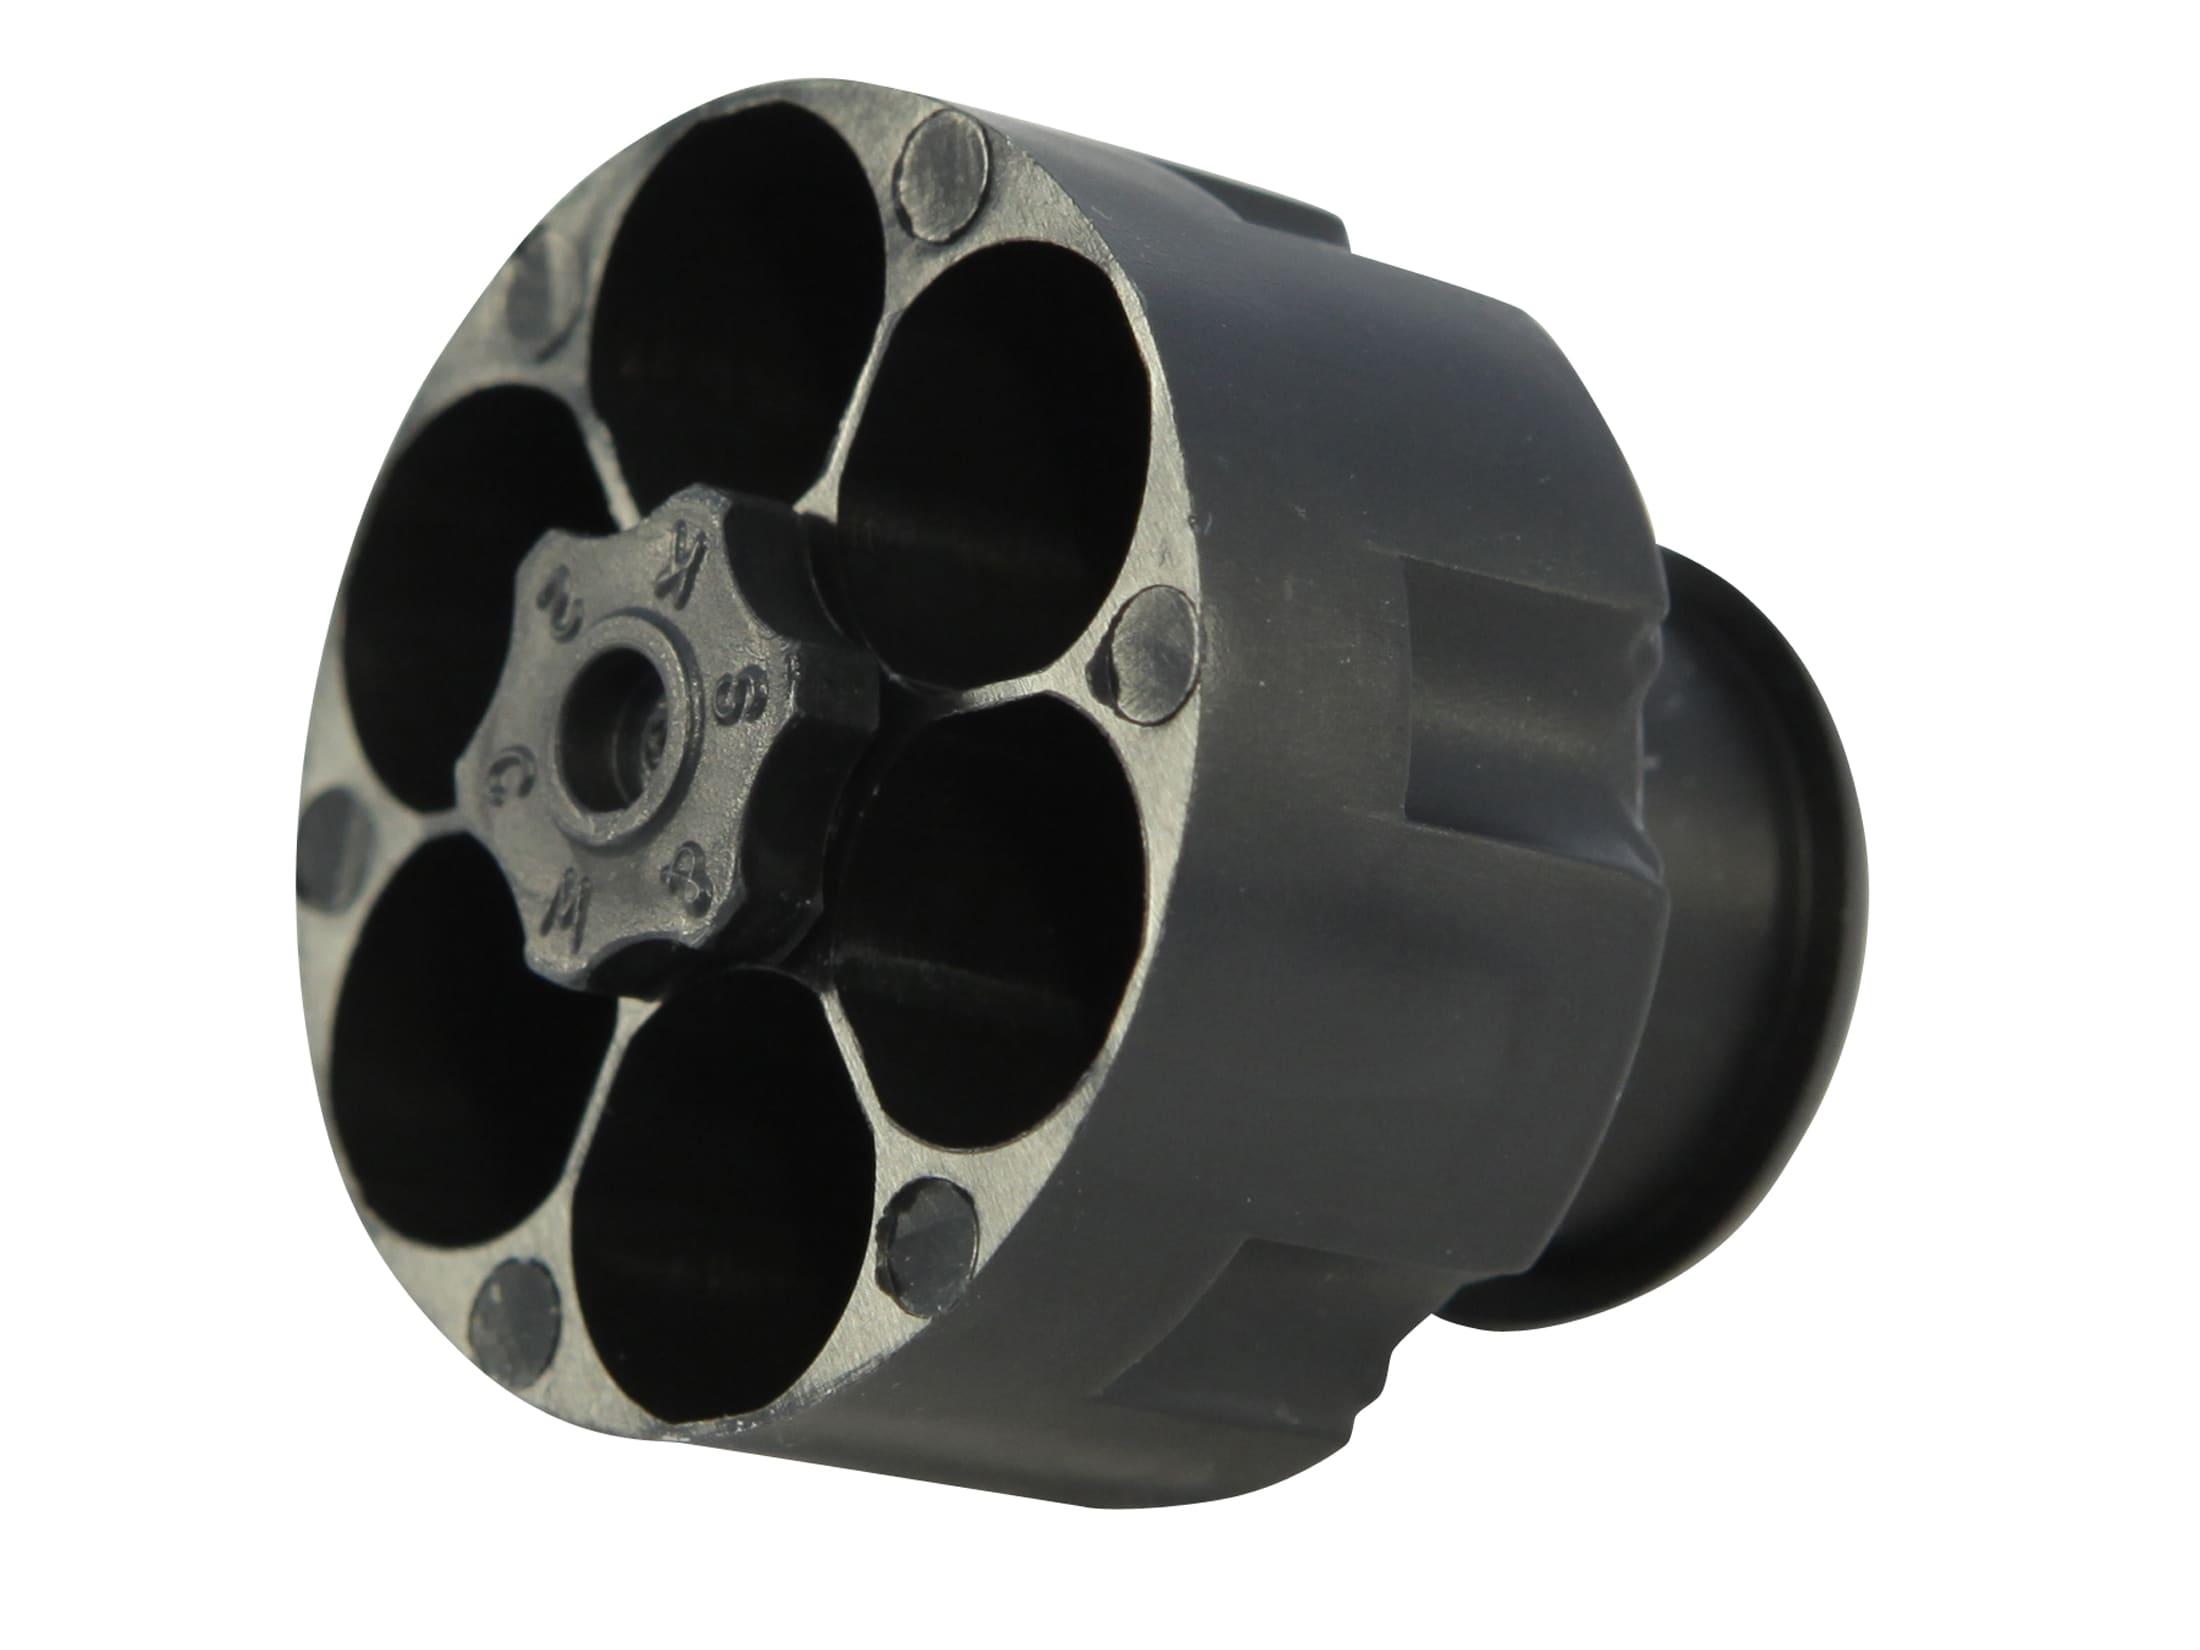 Safariland COMP-2 Revolver Speedloader Dan Wesson S&W 10 12 13 14 15